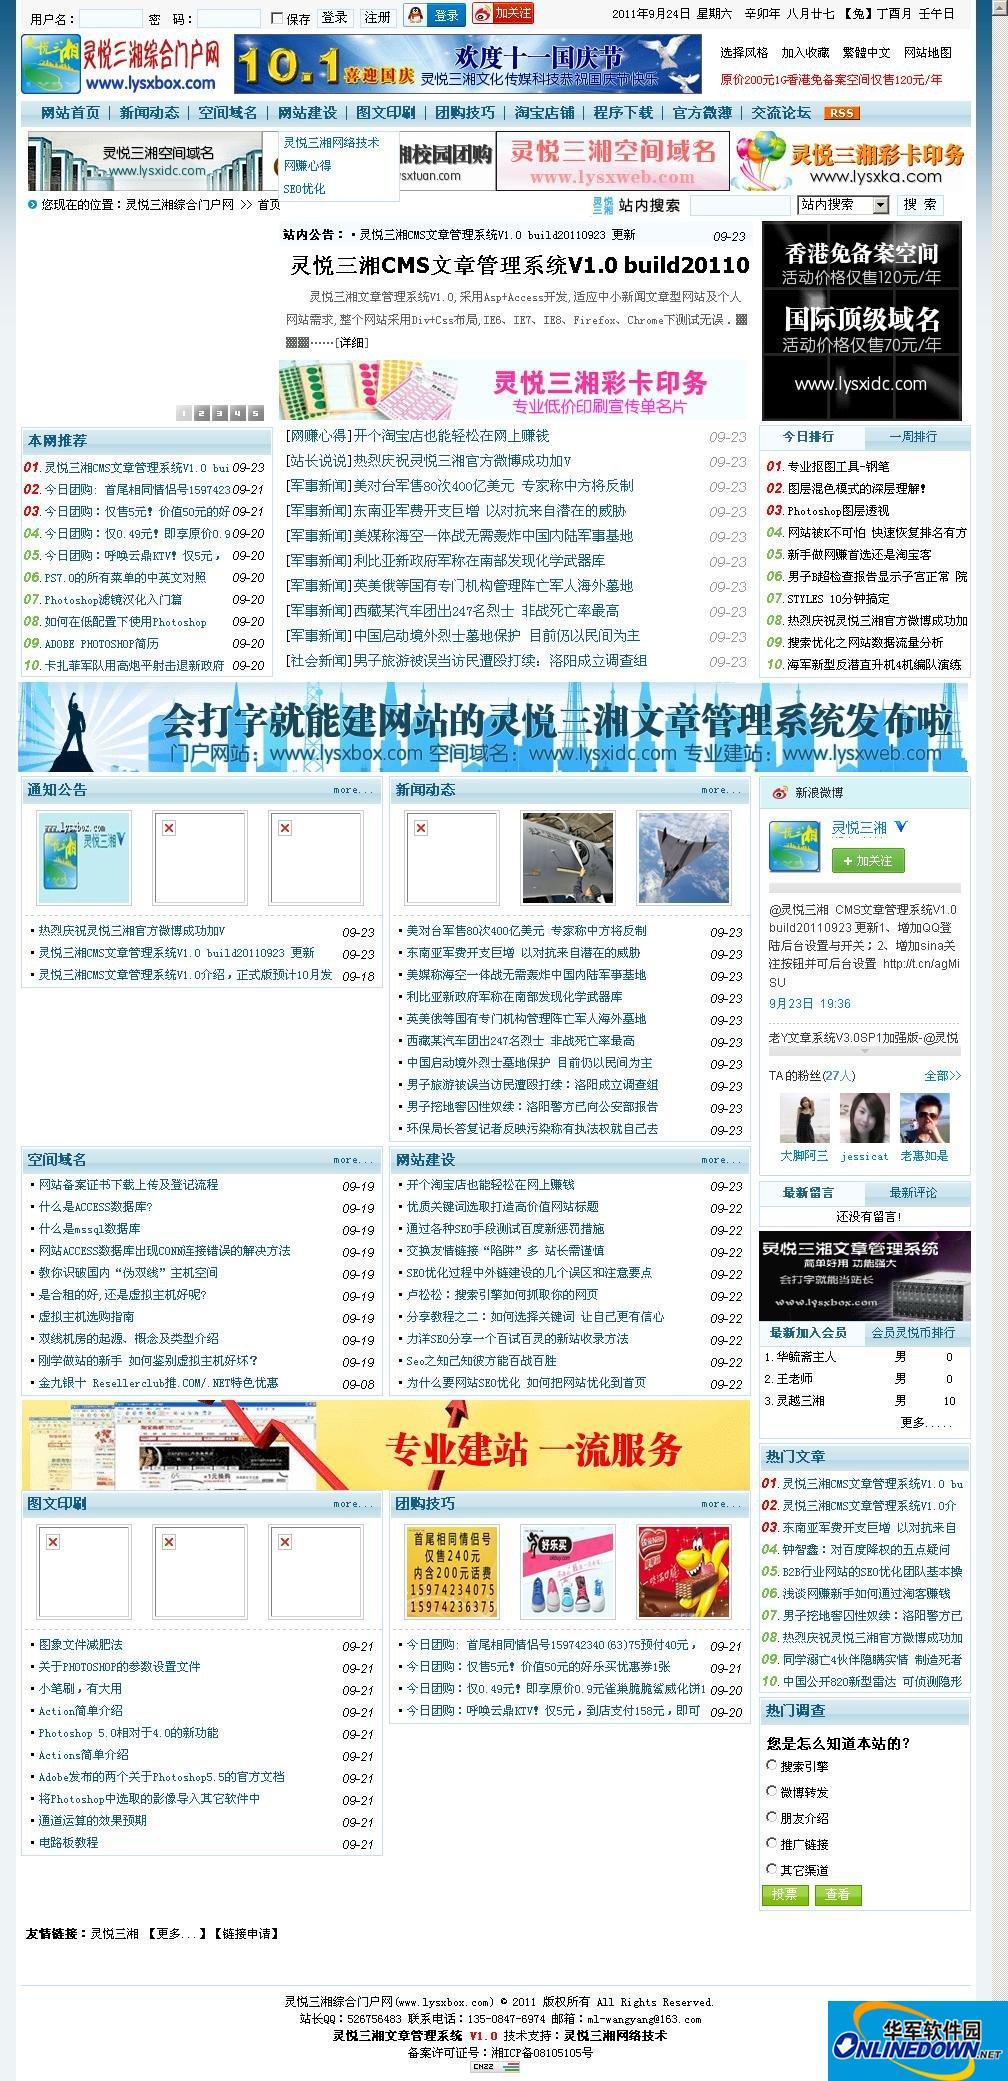 灵悦三湘CMS文章管理系统(老Y加强版)